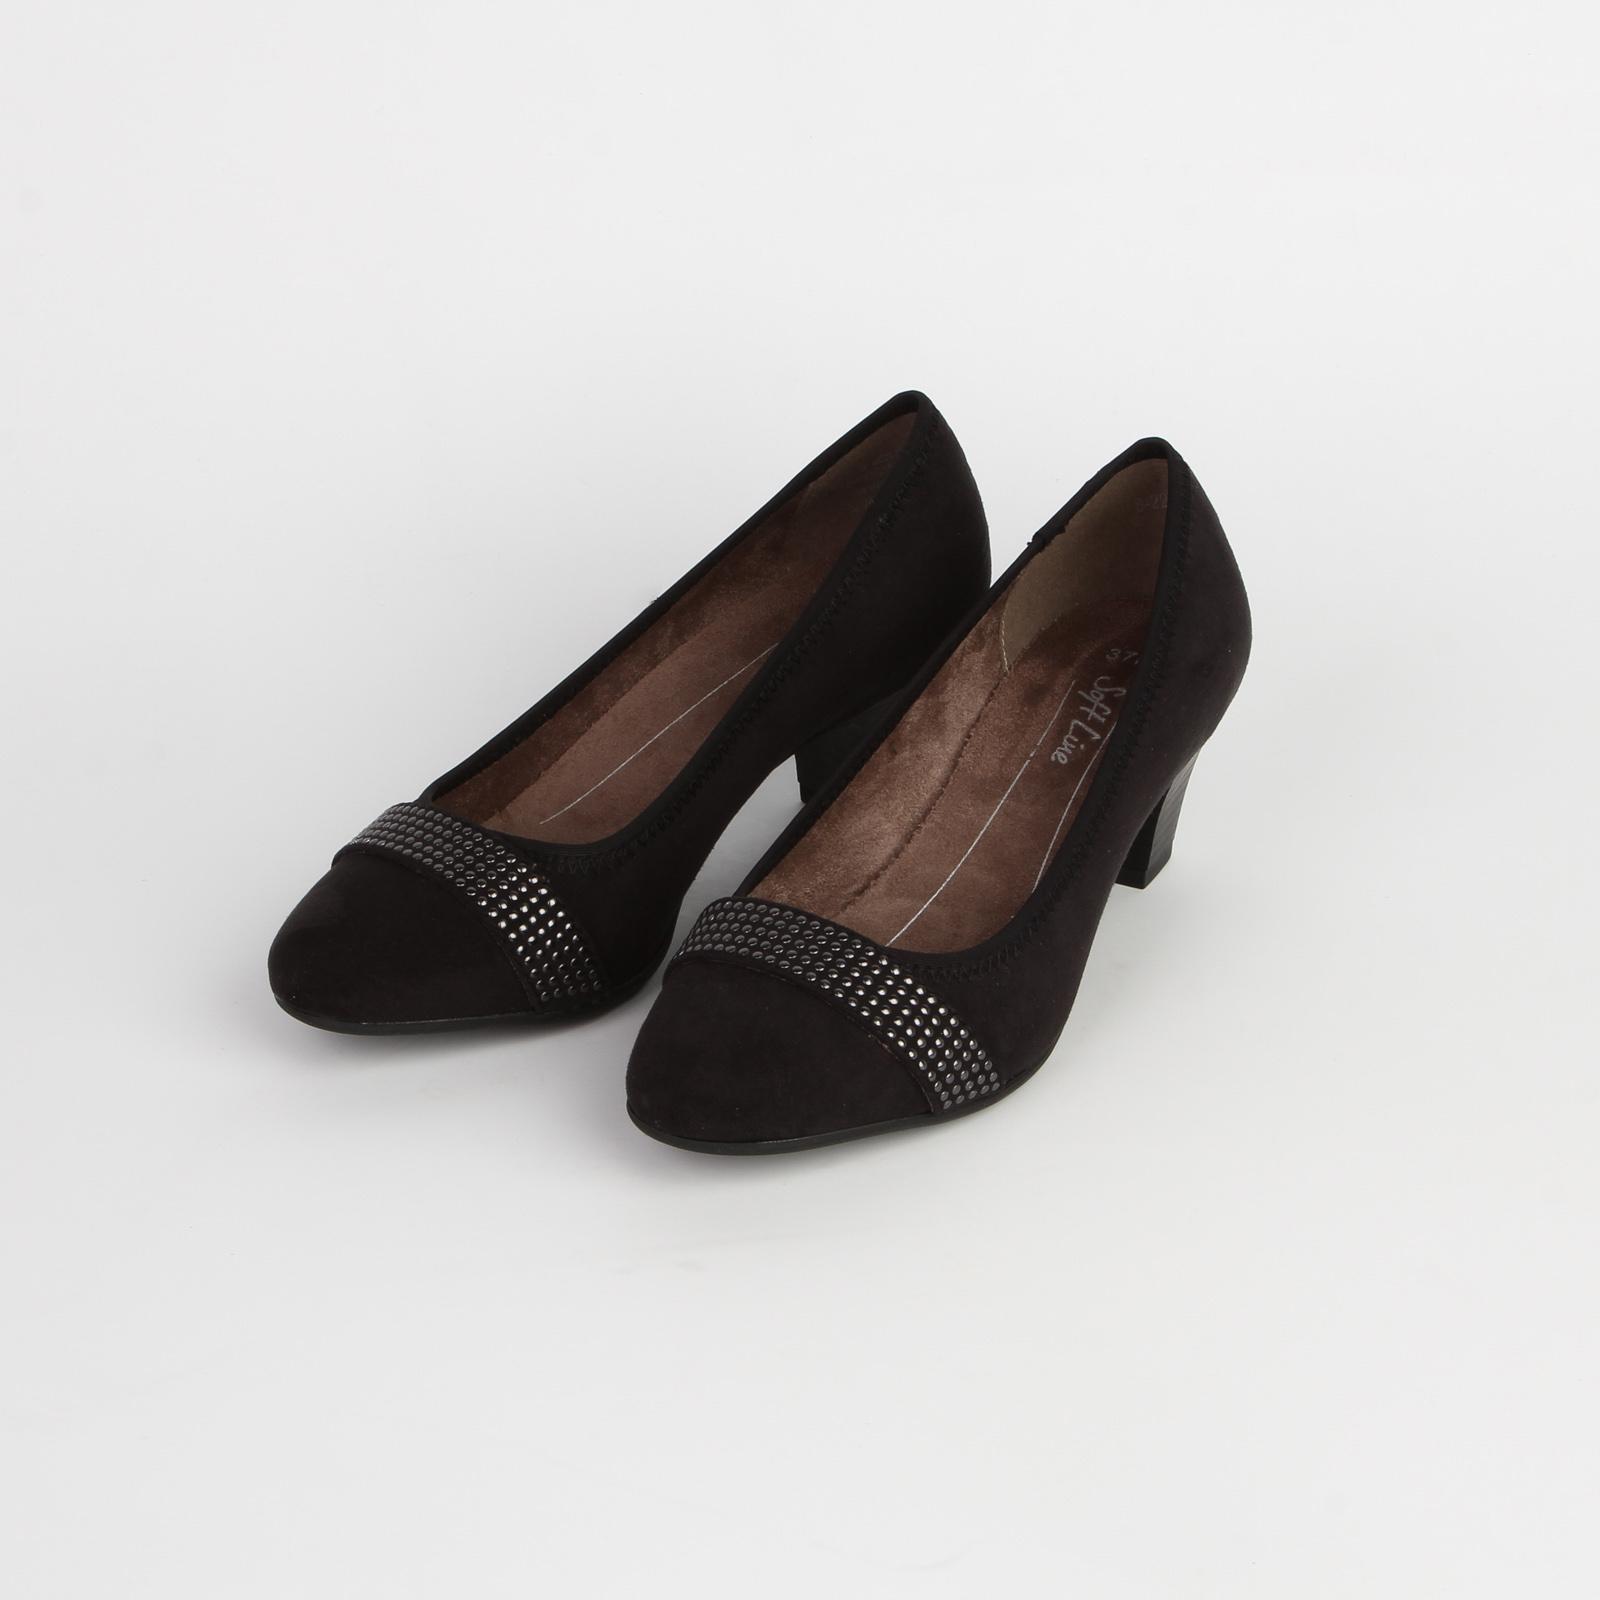 Туфли женские с декорированным ремешком на мысу